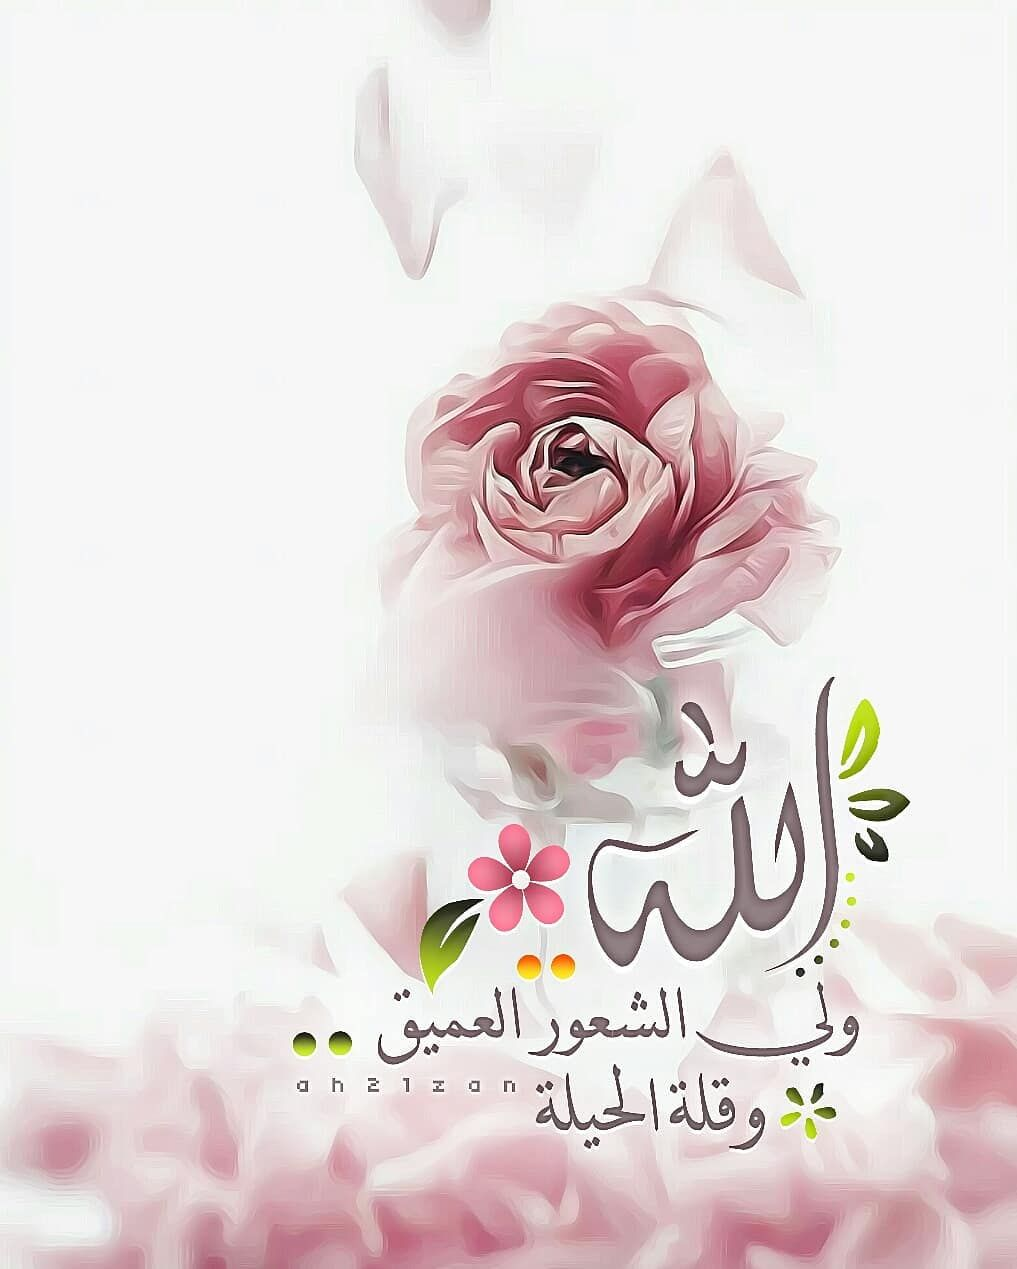 اذ ڪر و ا ال ل هـ On Instagram الله ول ي الش عور العميق وقل ة الحيلة صدقة لأخي صباح الخير يارب